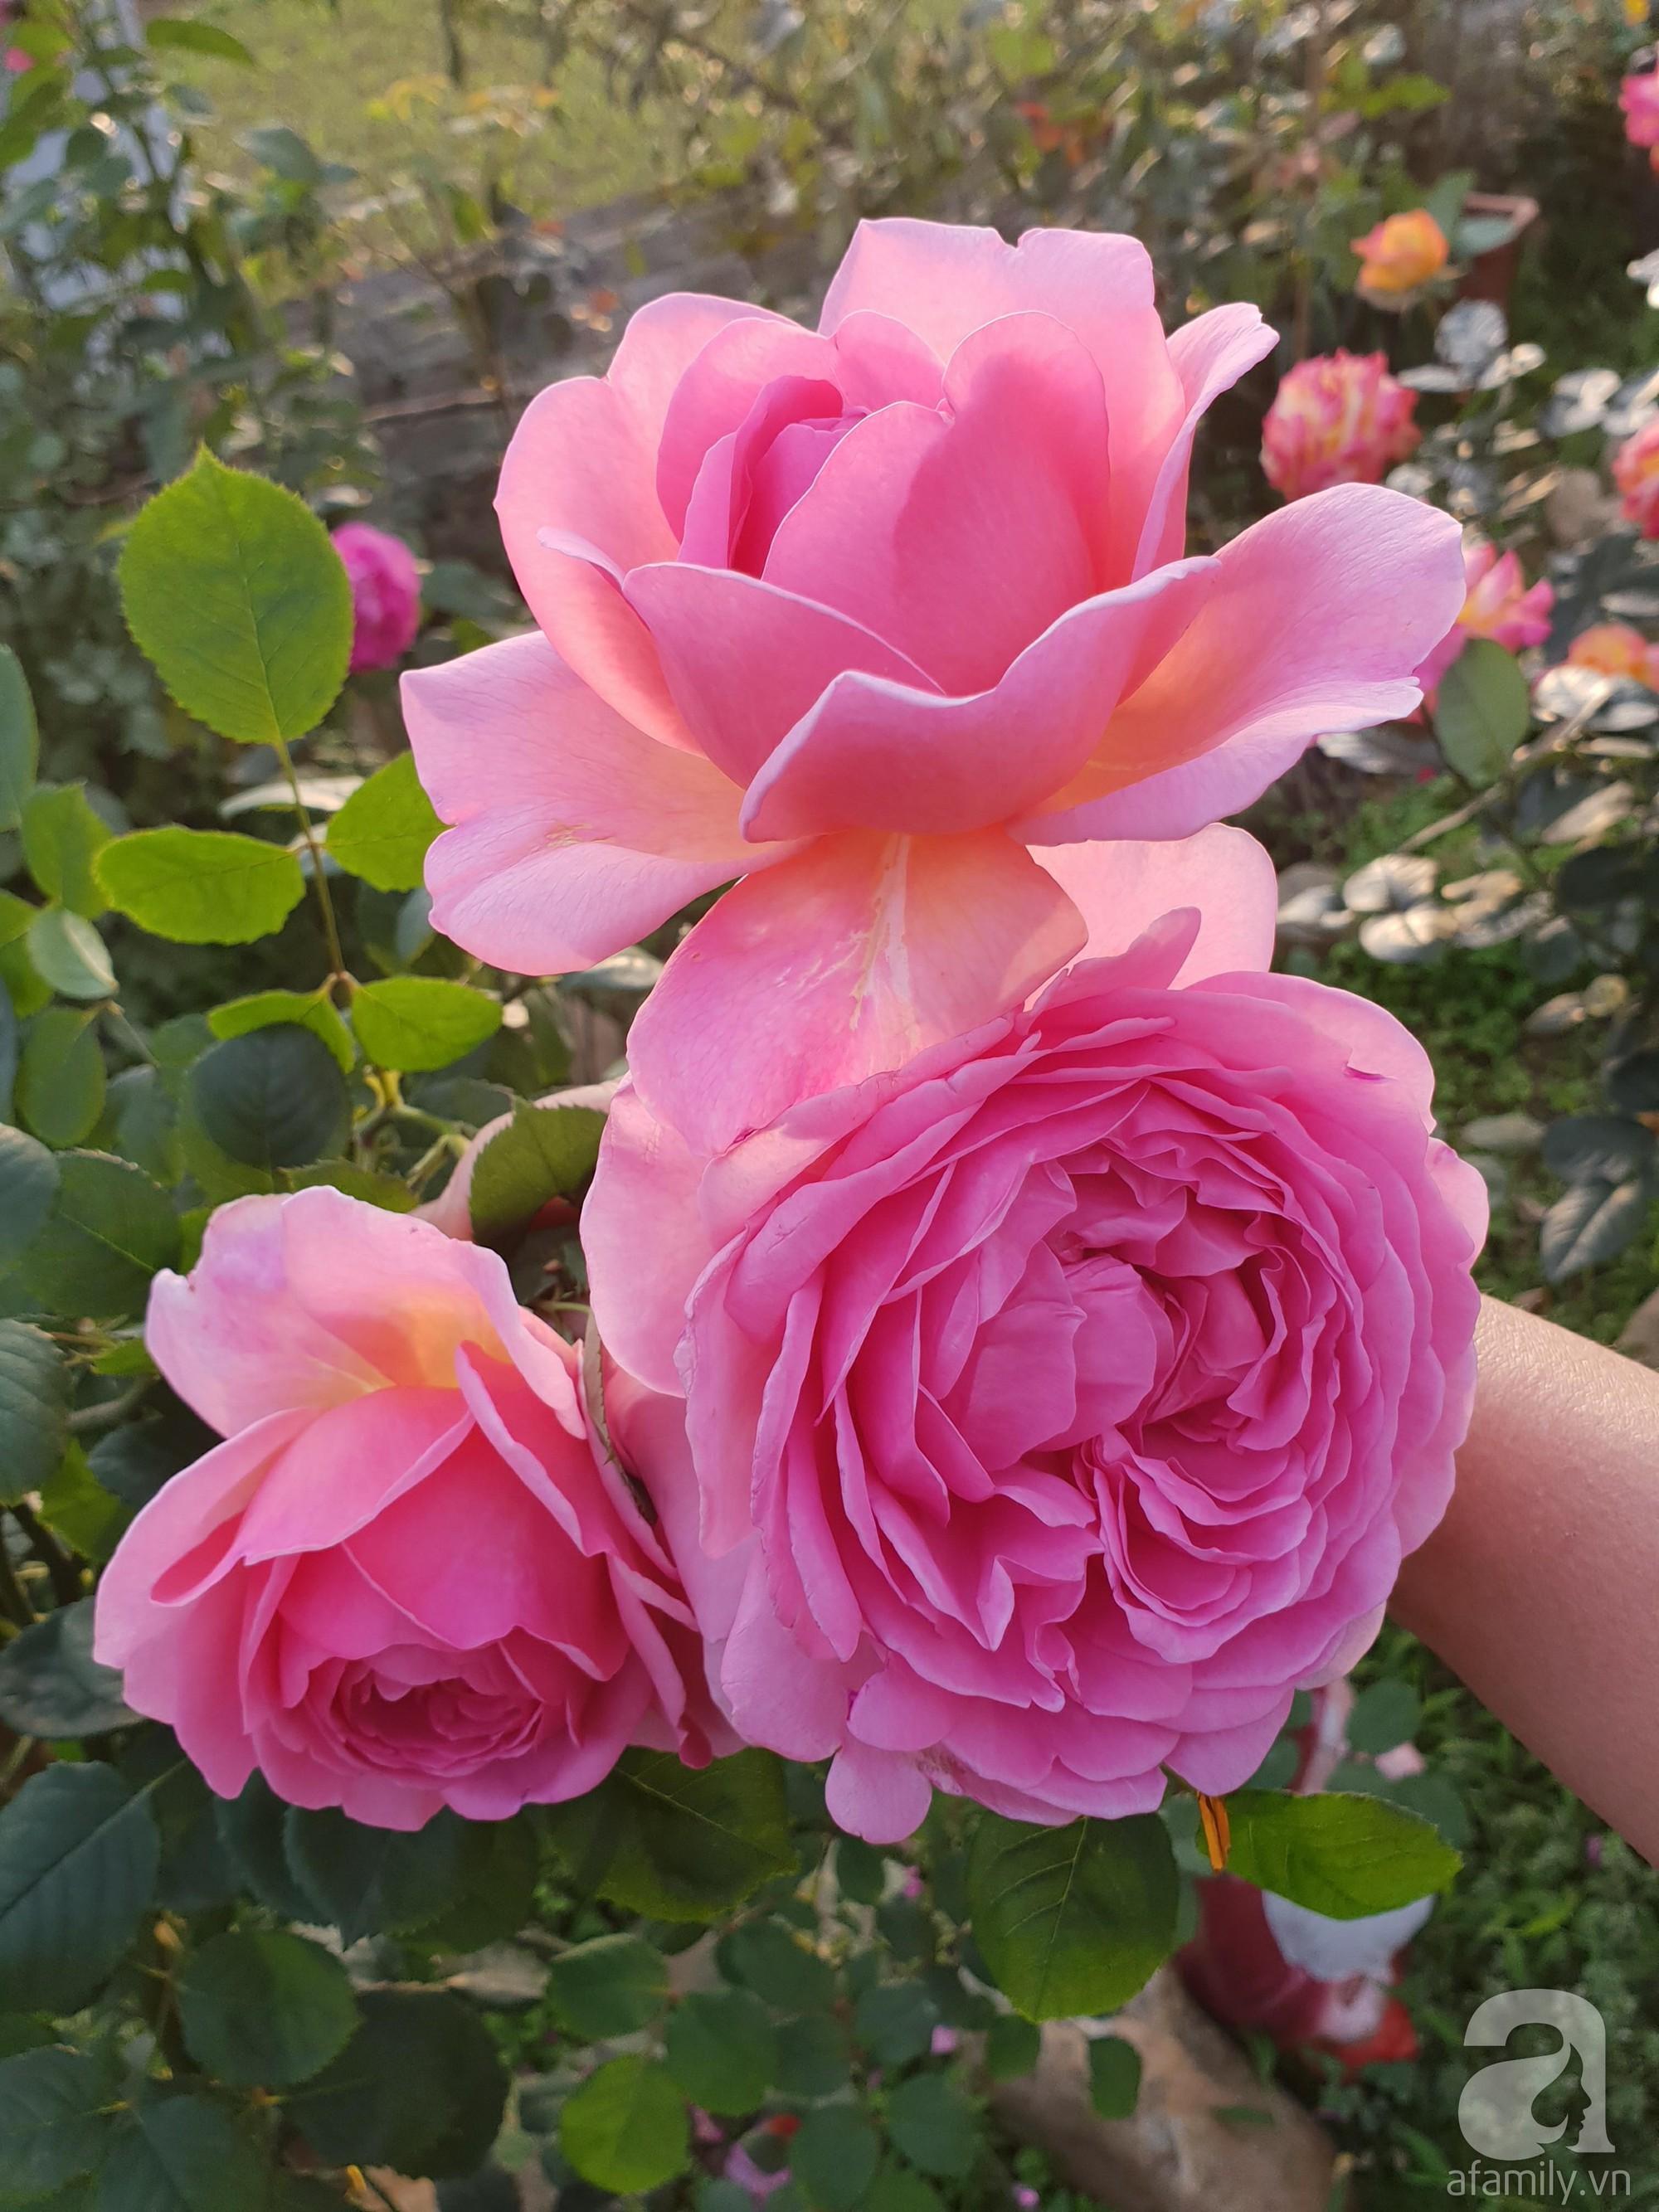 Ngôi nhà hoa hồng thơm ngát và rực rỡ với hàng trăm gốc hồng trên triền núi của cô giáo ở Cao Bằng - Ảnh 7.